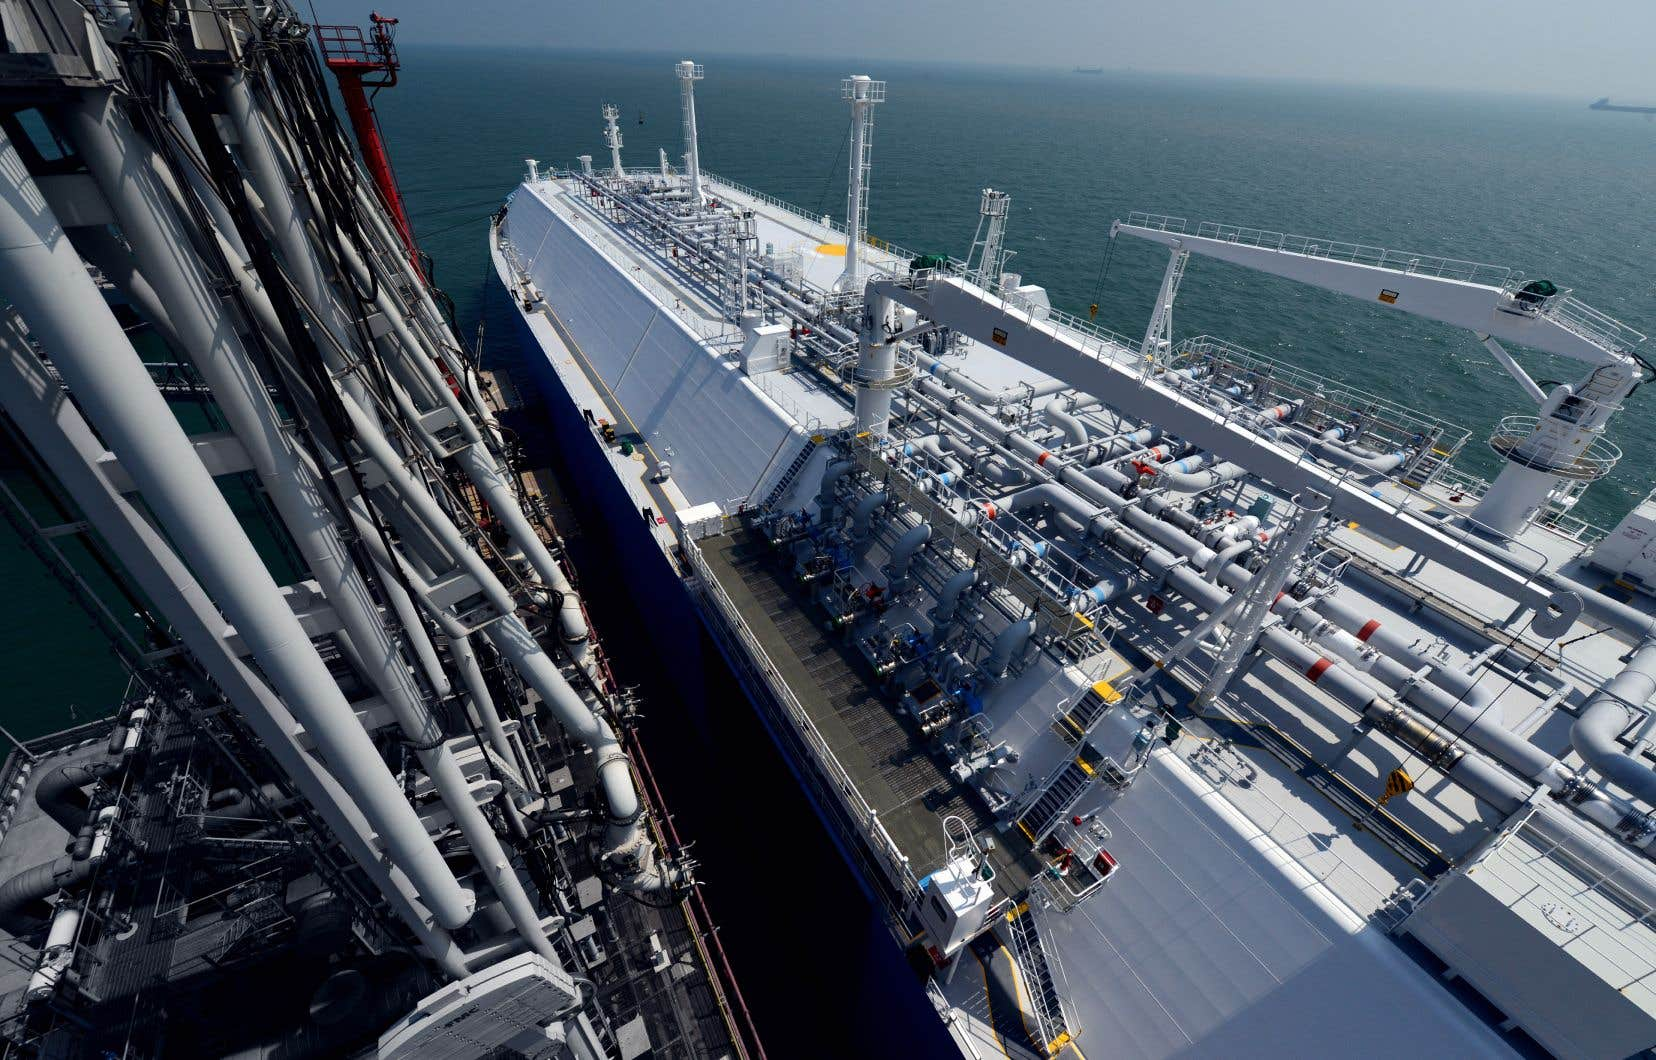 Le projet GNL Québec acheminerait par pipeline du gaz de schiste de l'Ouest canadien jusqu'à Saguenay où il serait liquéfié et transbordé sur des immenses bateaux pour être exporté à l'international.